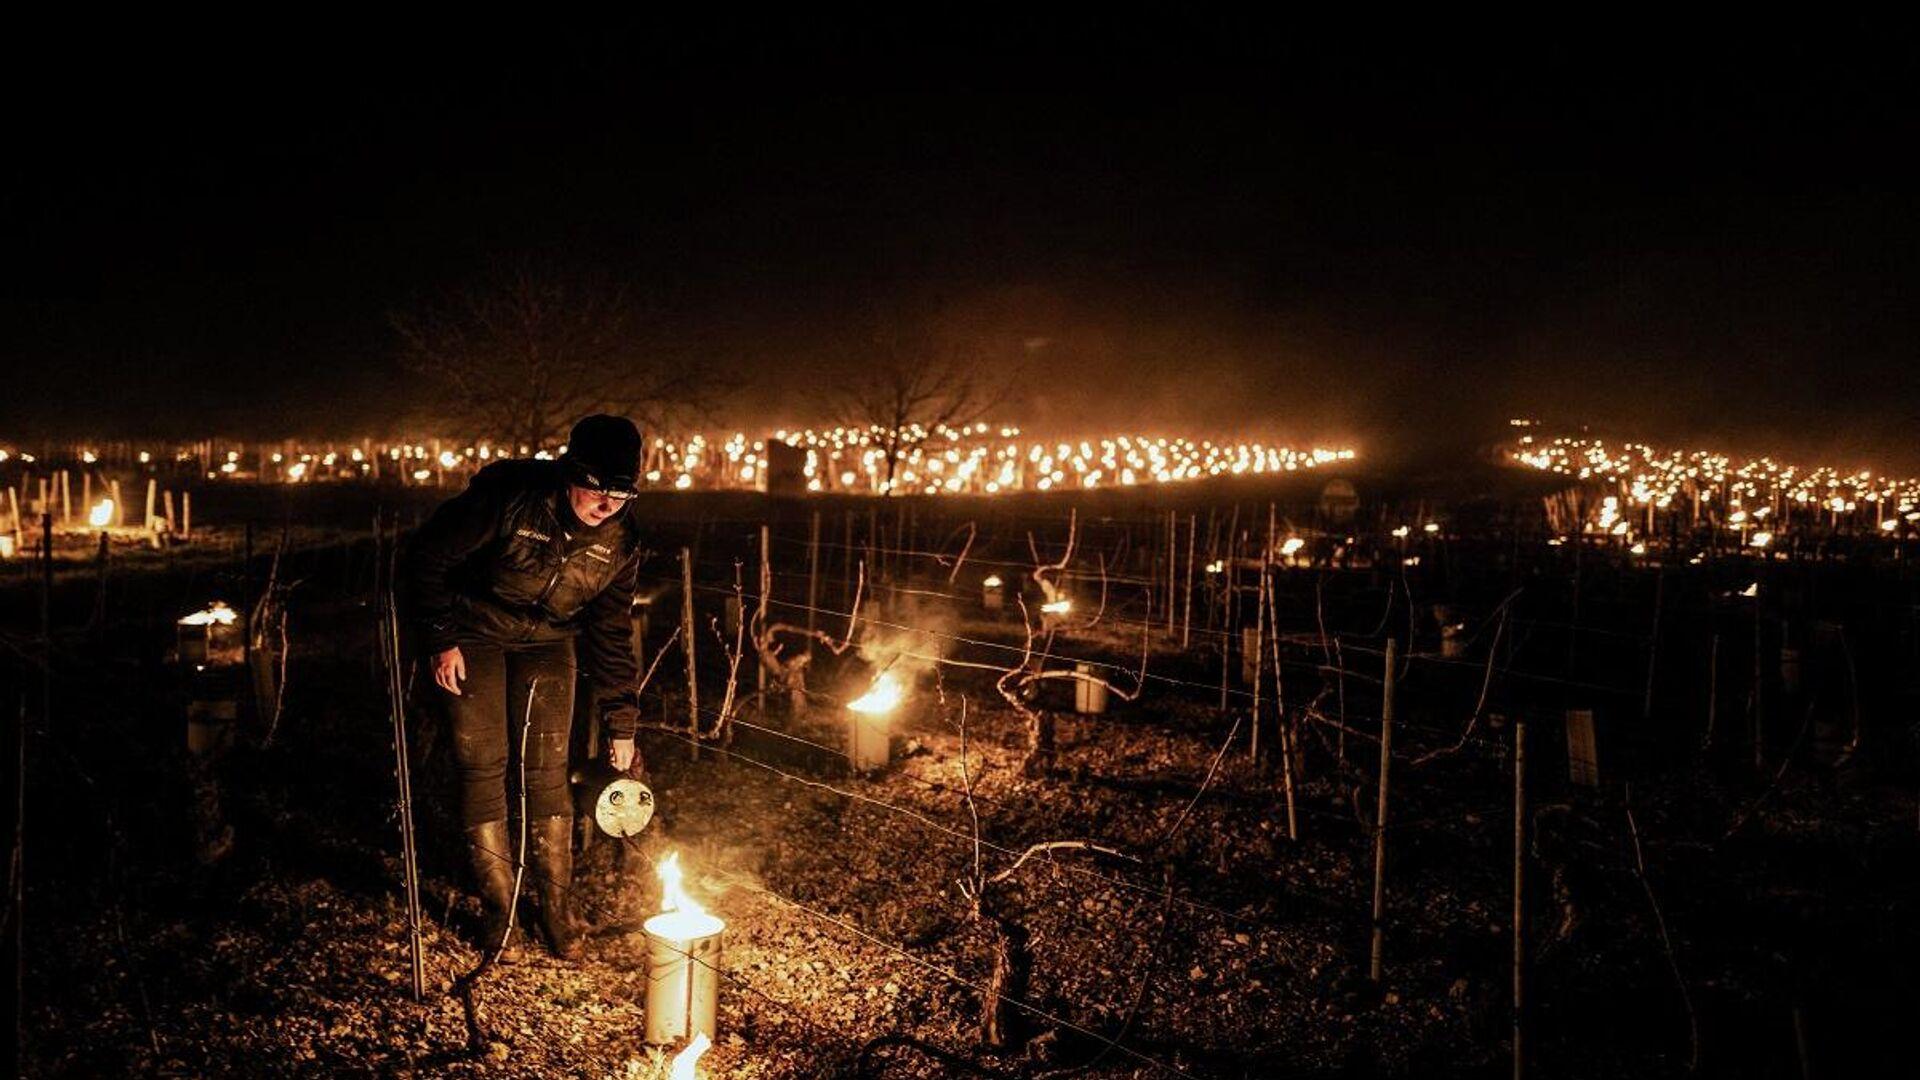 Un viticultor de la bodega Daniel-Etienne Defaix enciende velas anti-heladas en el viñedo cerca del municipio de Chablis (Borgoña) el 7 de abril de 2021 - Sputnik Mundo, 1920, 11.04.2021